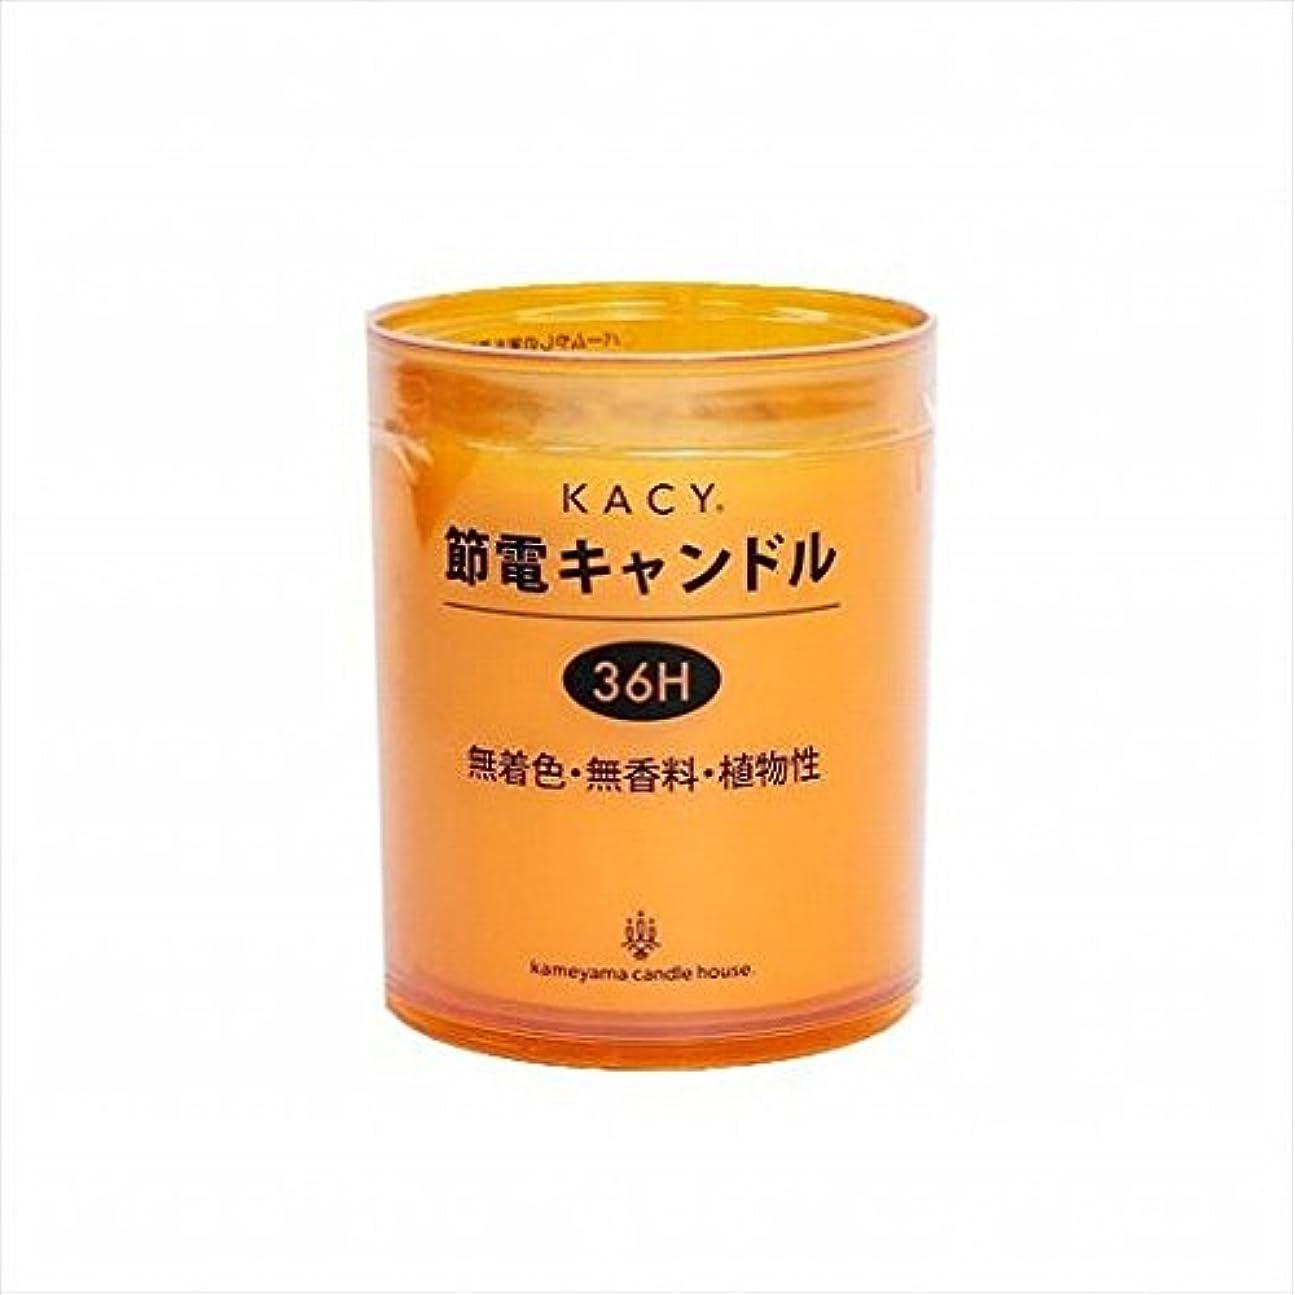 浸漬誤解を招く入手しますkameyama candle(カメヤマキャンドル) 節電キャンドル 36時間タイプ 「 オレンジ 」 キャンドル 83x83x100mm (A9610010OR)